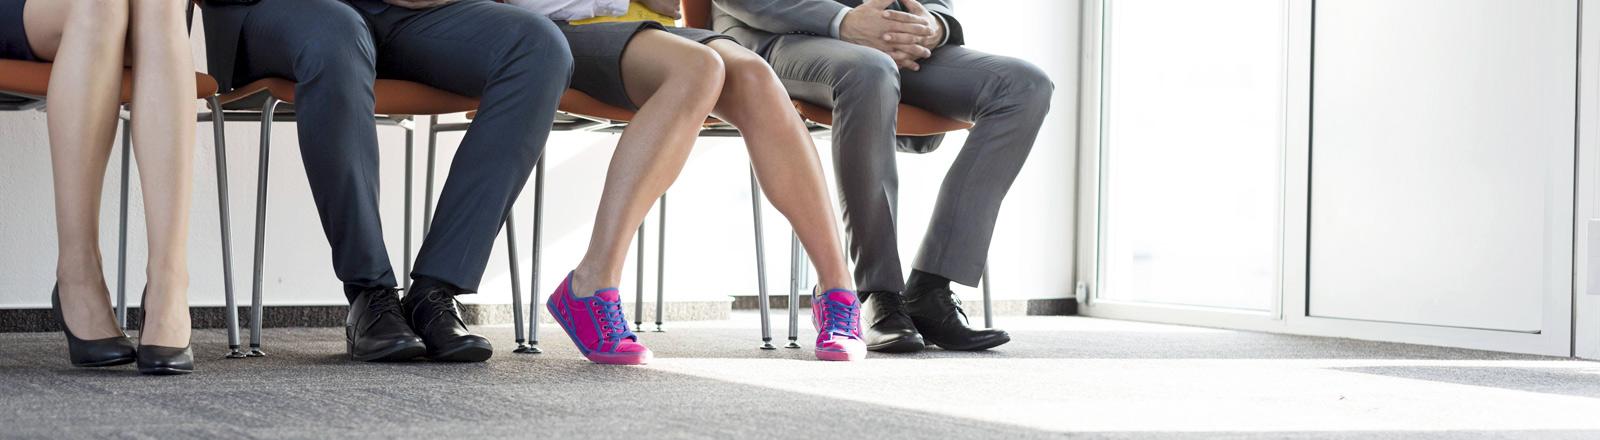 Männer und Frauen mit unterschiedlichen Schuhen auf Stühlen